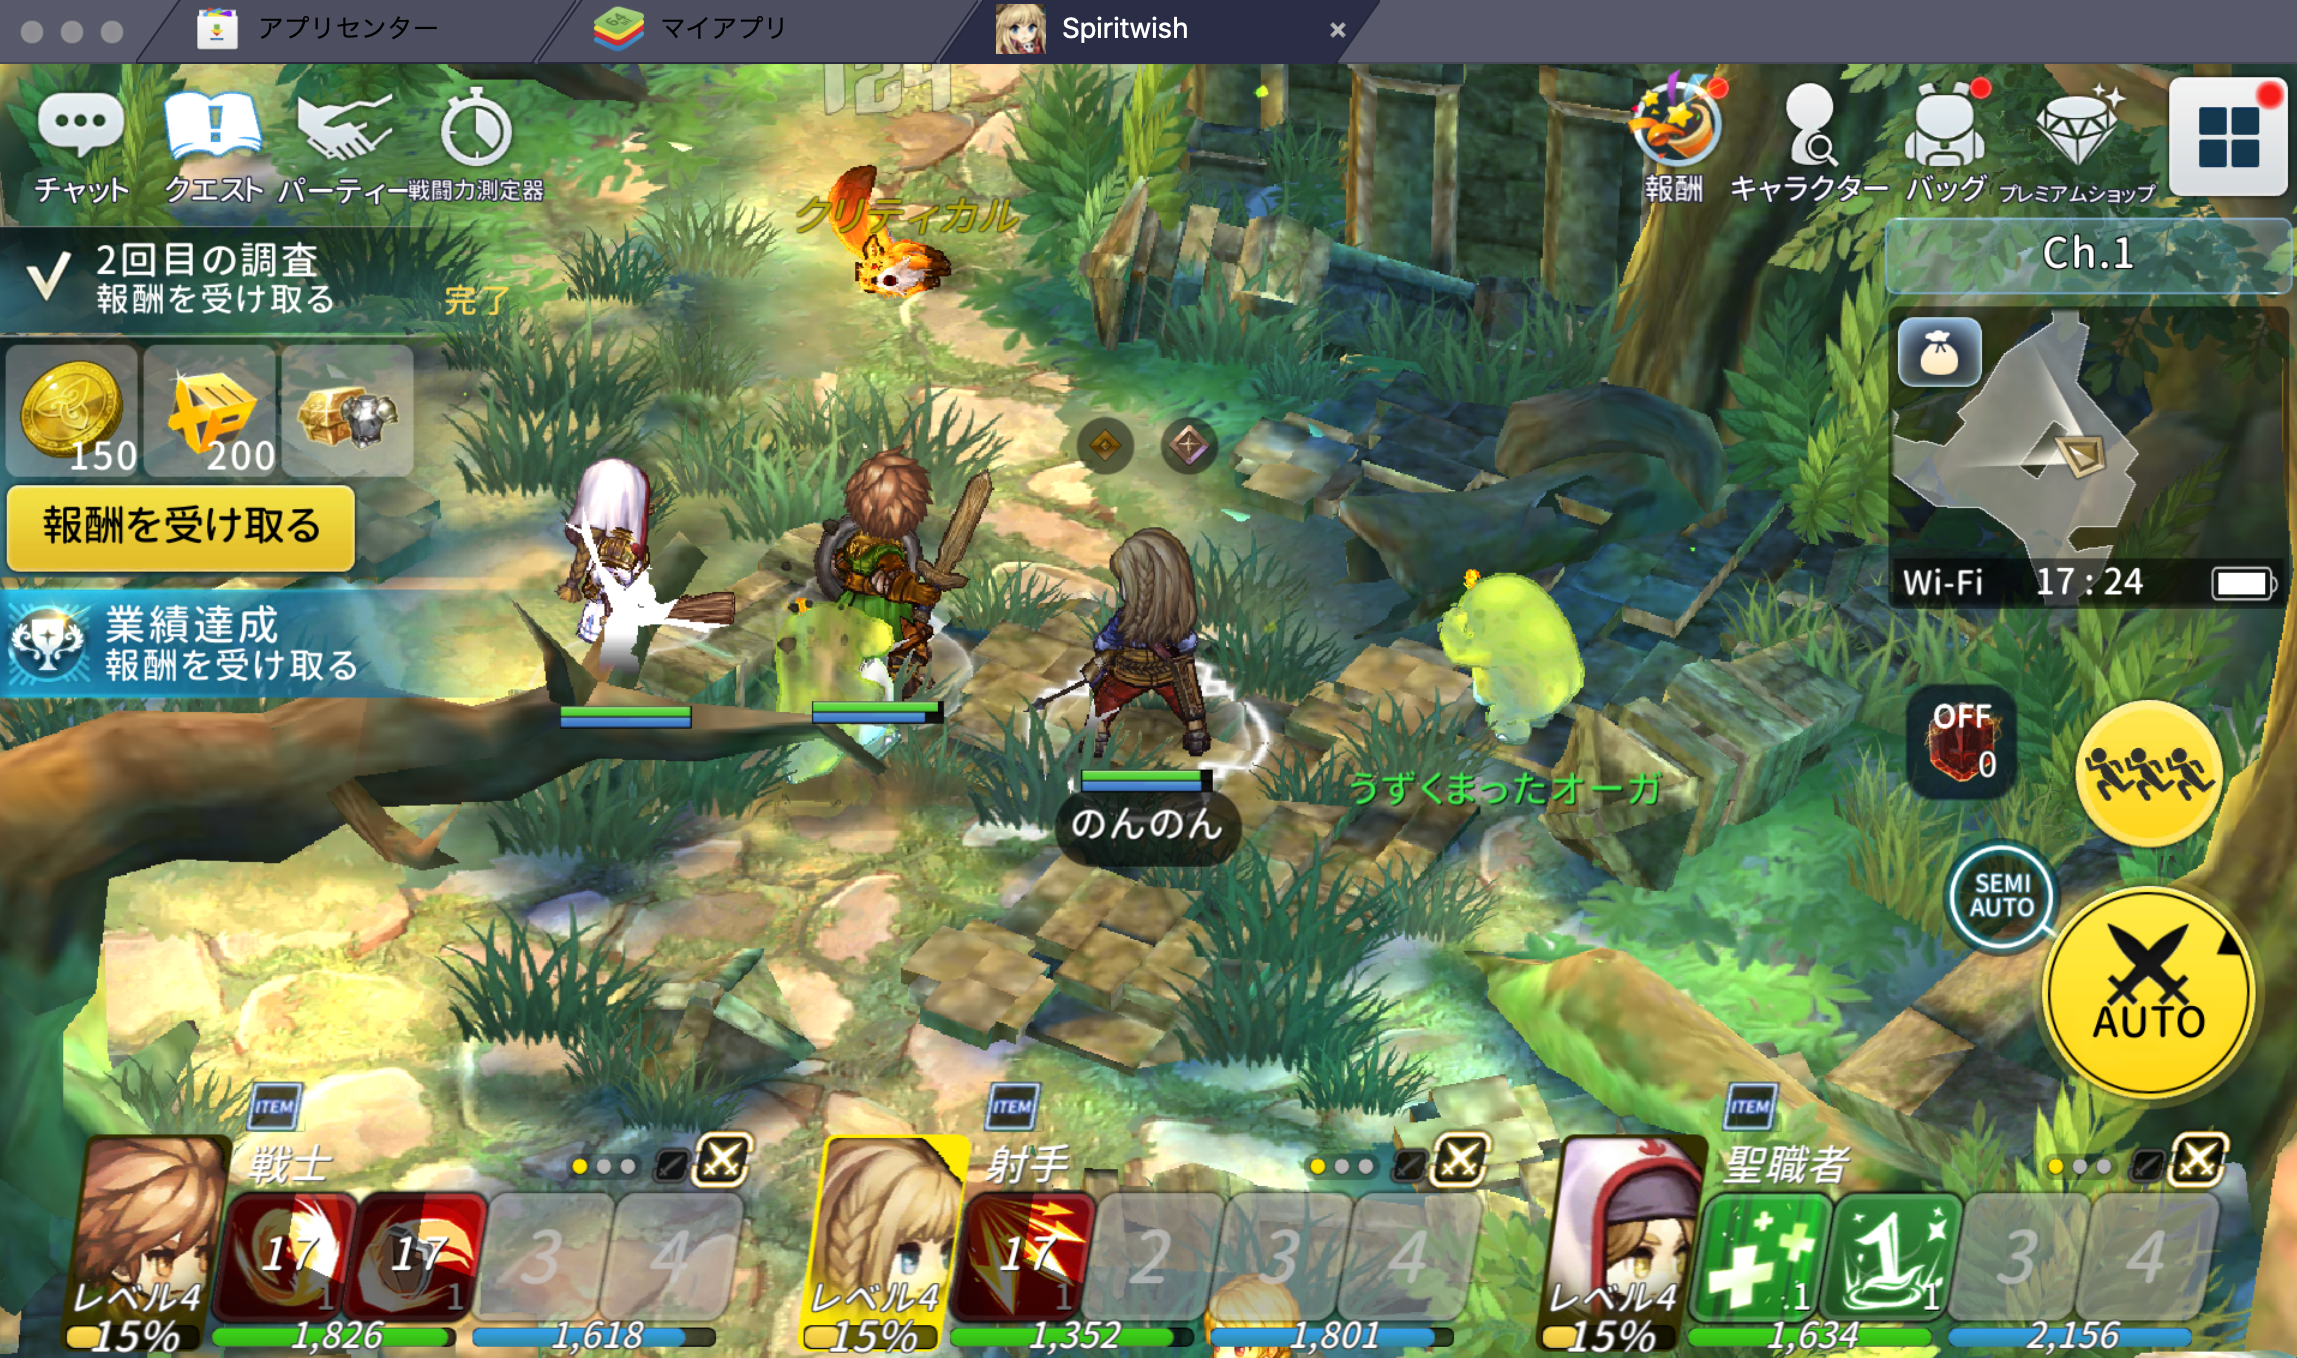 BlueStacksを使ってPCで『スピリットウィッシュ〜三英雄と冒険の大地〜』を遊ぼう